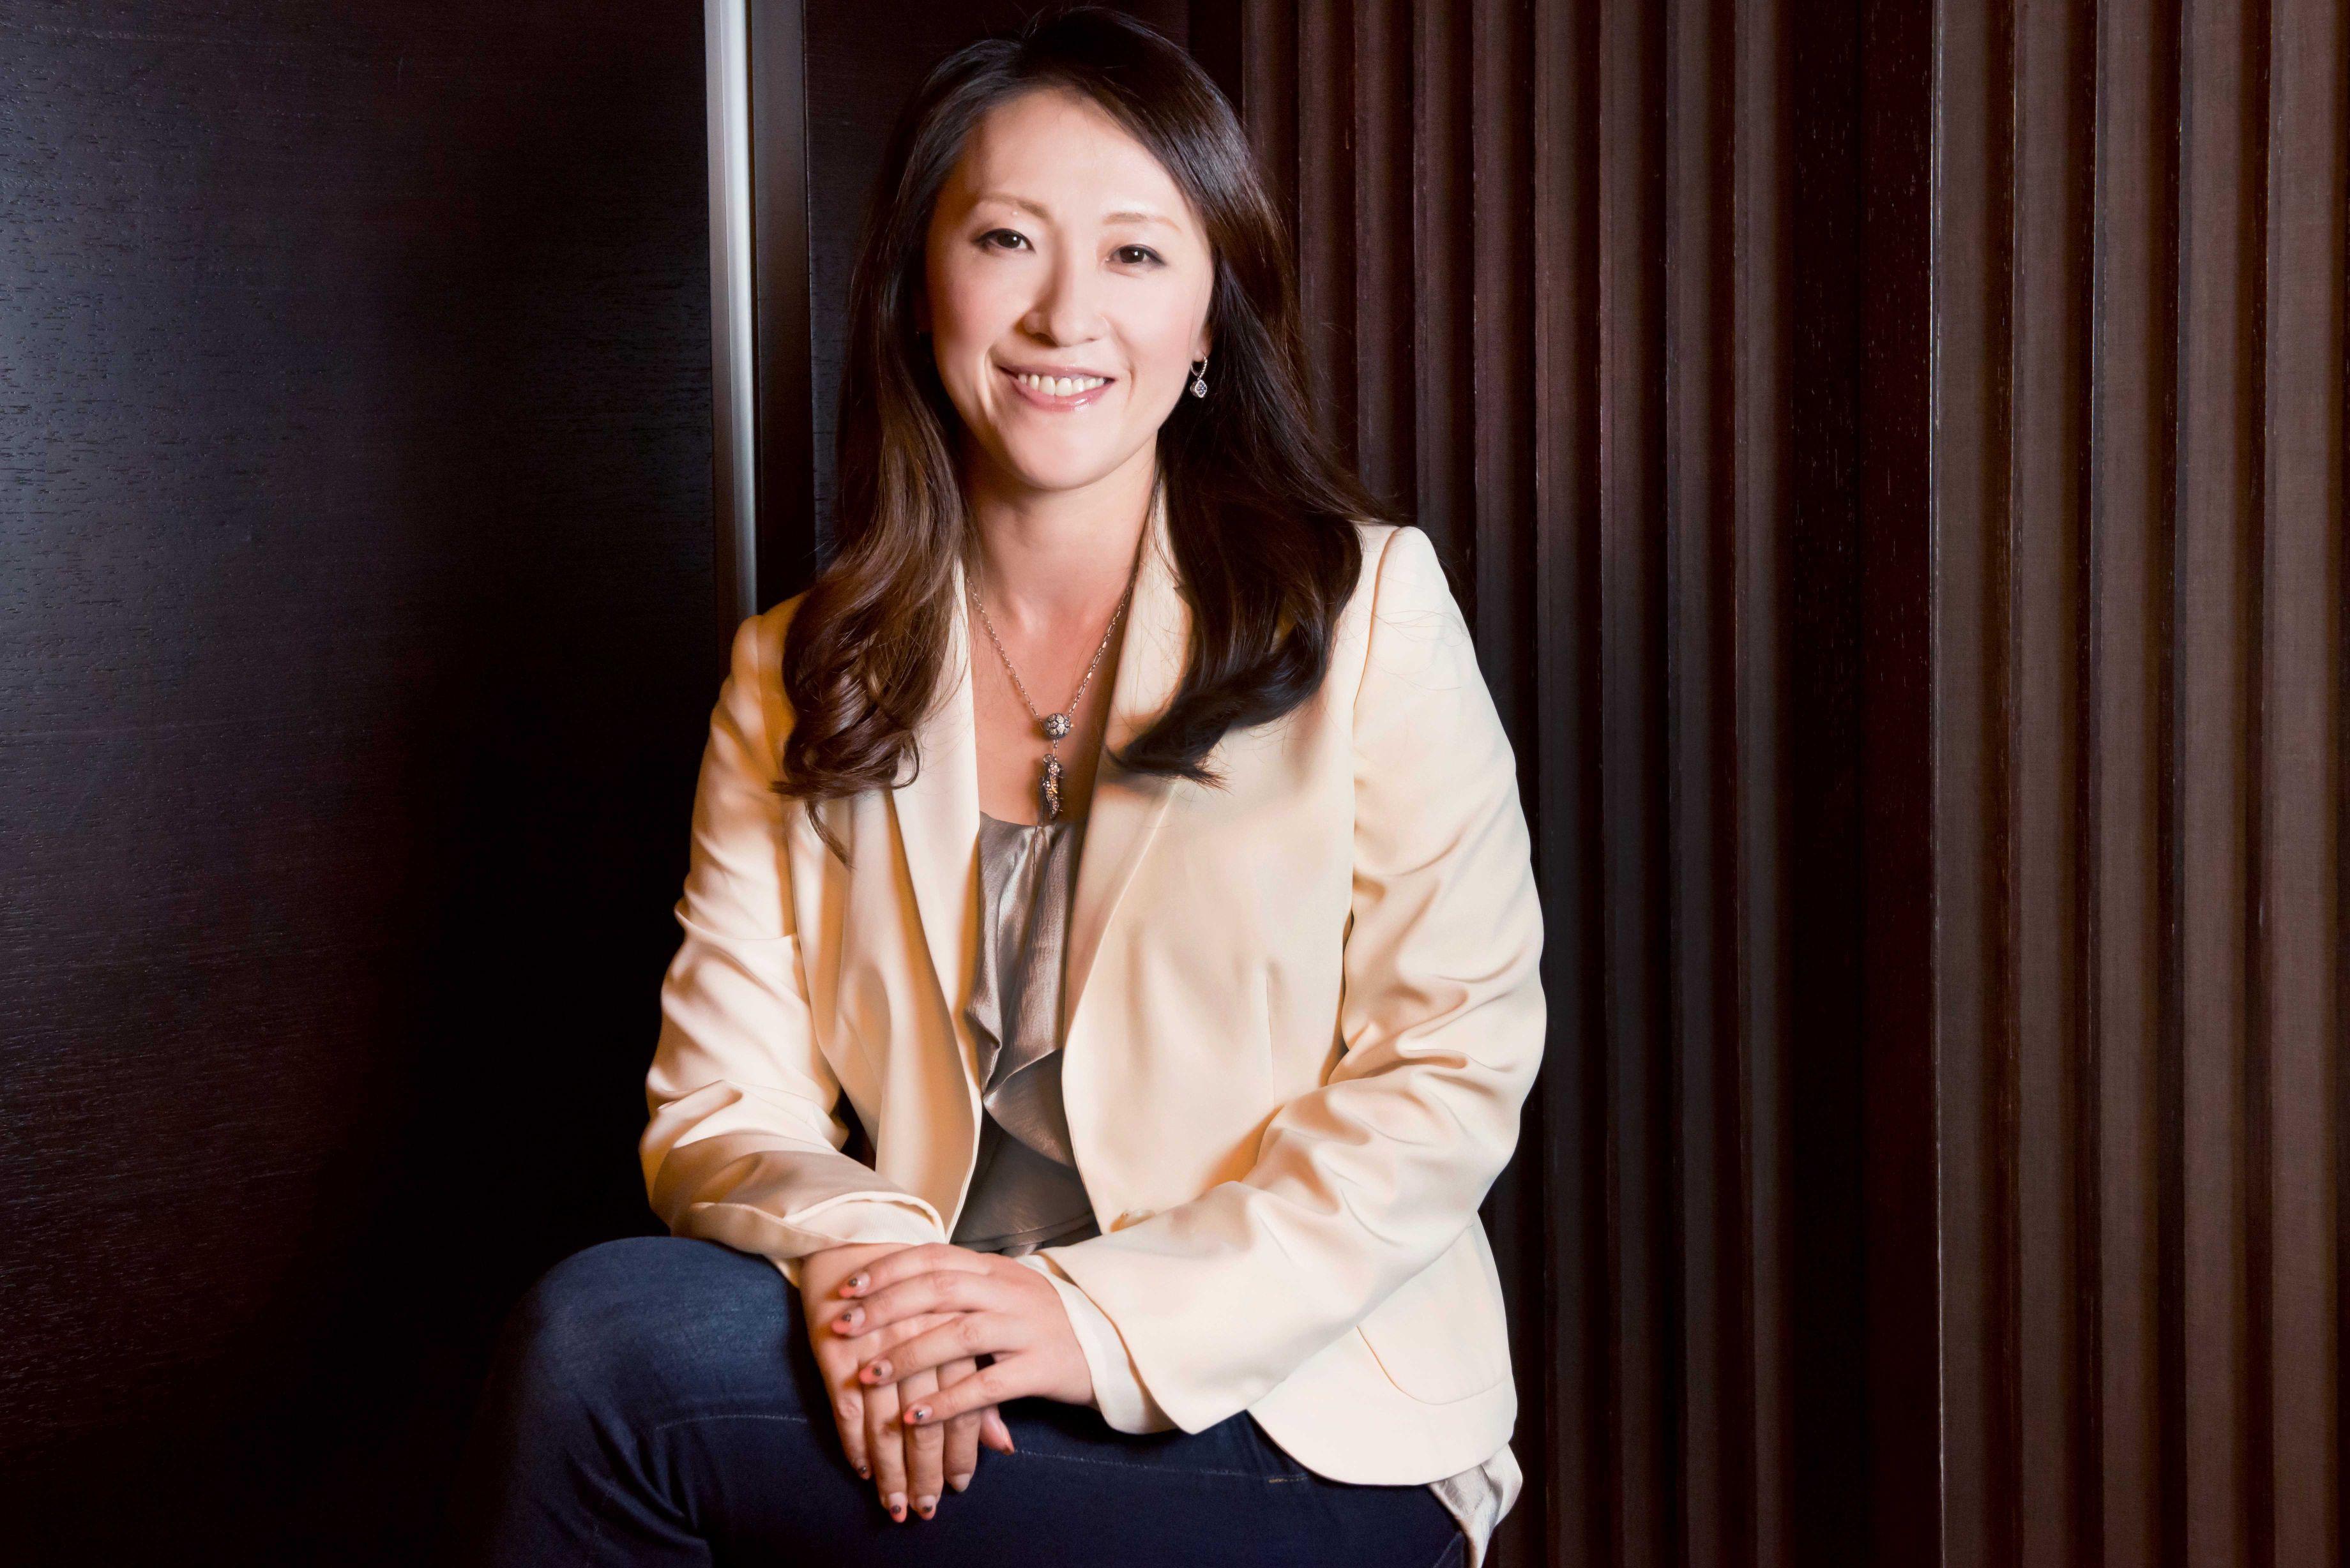 「ヒューマンキャピタルジャパン2013」に出展 元なでしこジャパンがチーム力アップの秘訣を解説 東明有美氏 特別セミナー『なでしこジャパンを支えたリーダーシップスキル』